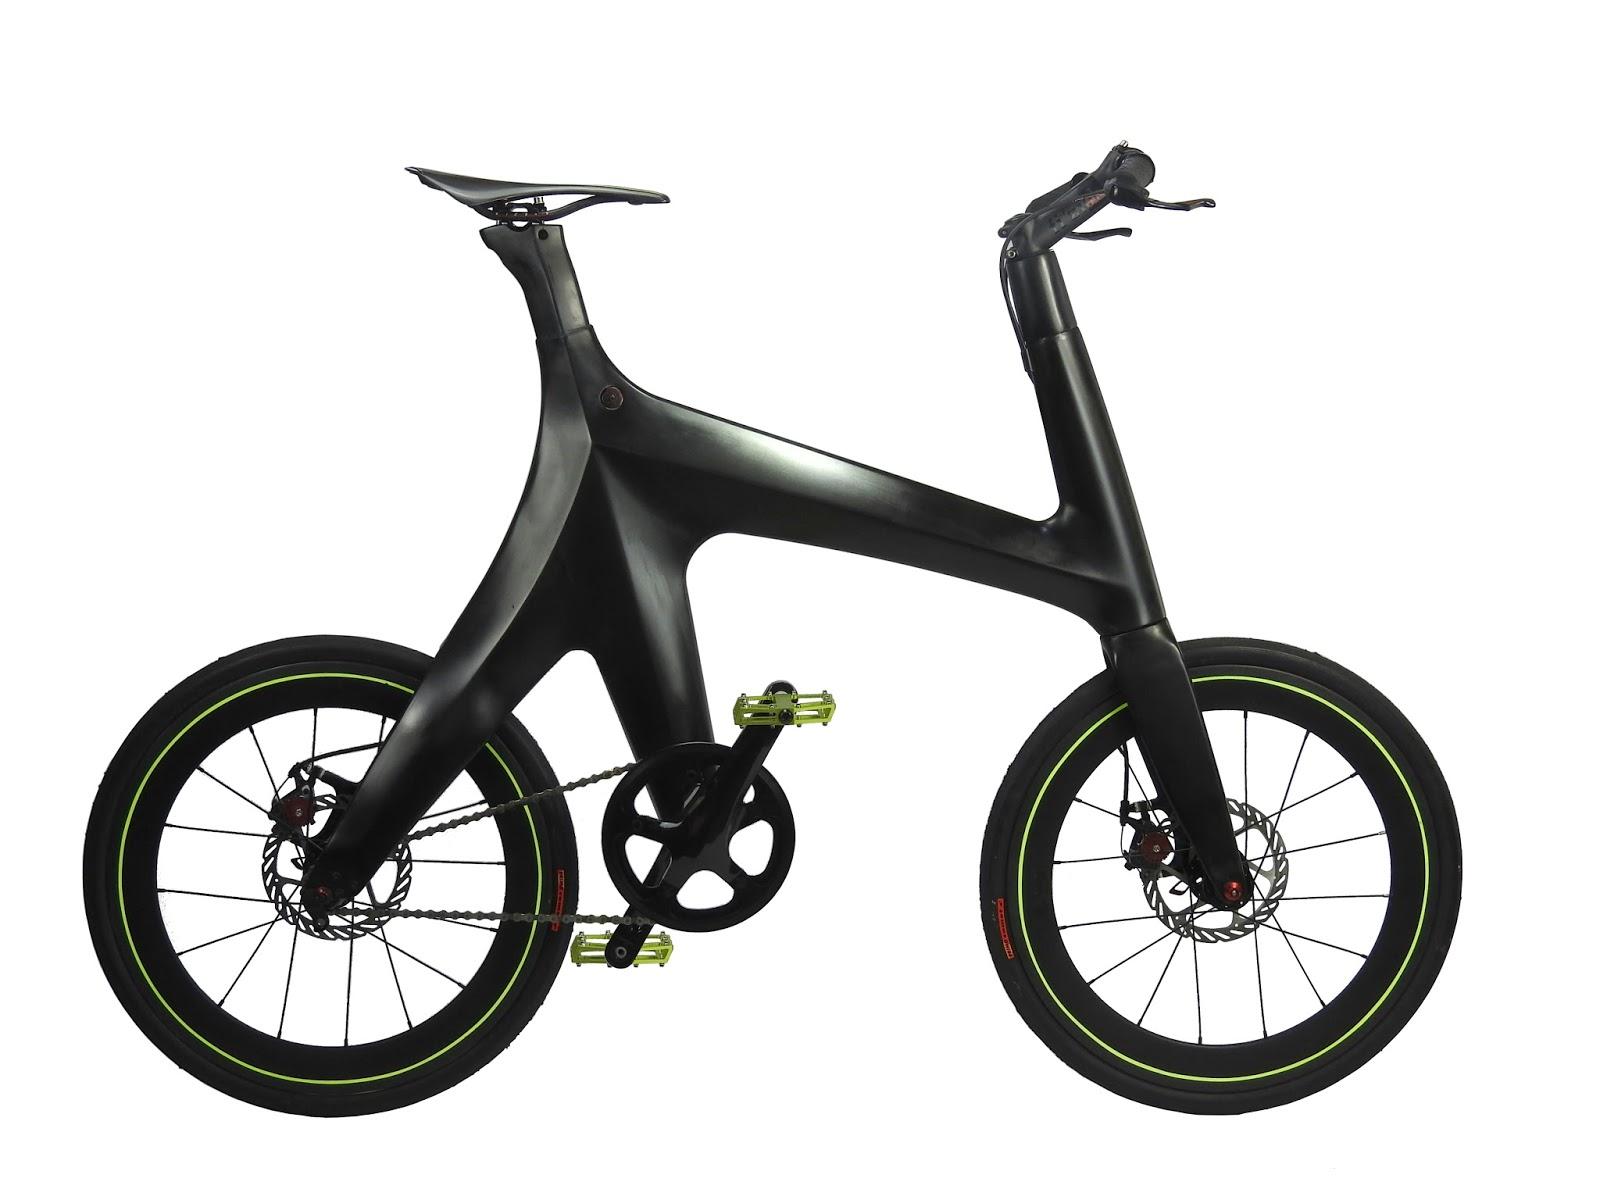 Karbon Fiber Kadrosu ve Eşsiz Tasarımı ile MINIMAL BIKE